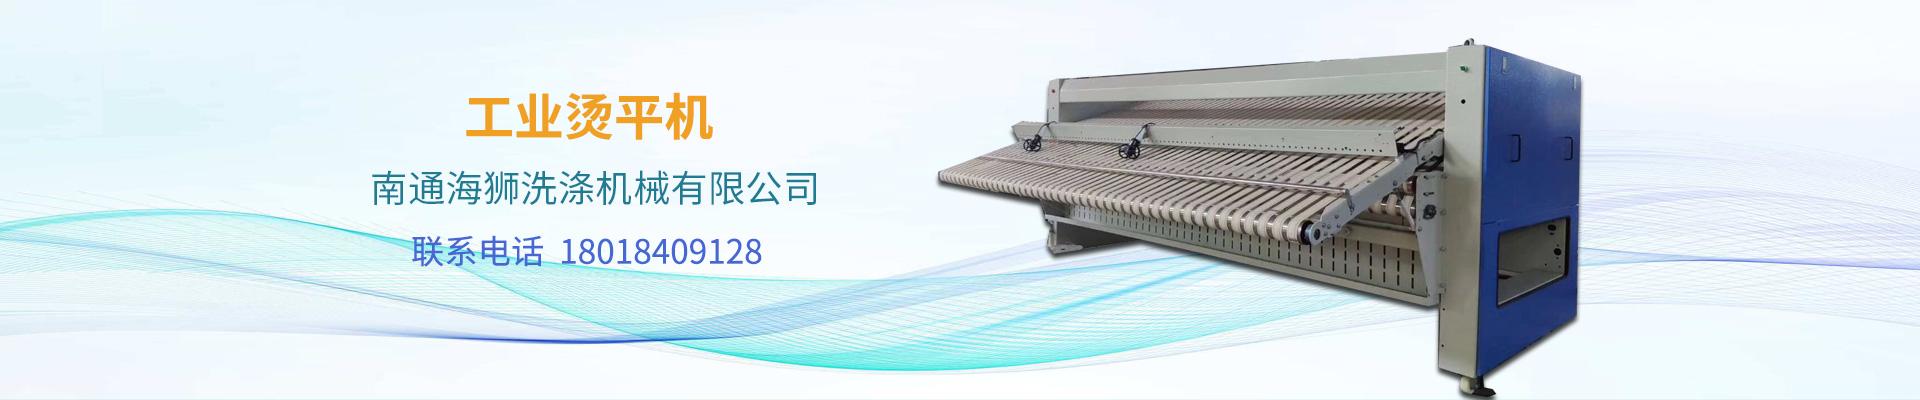 南通海狮洗涤机械有限公司